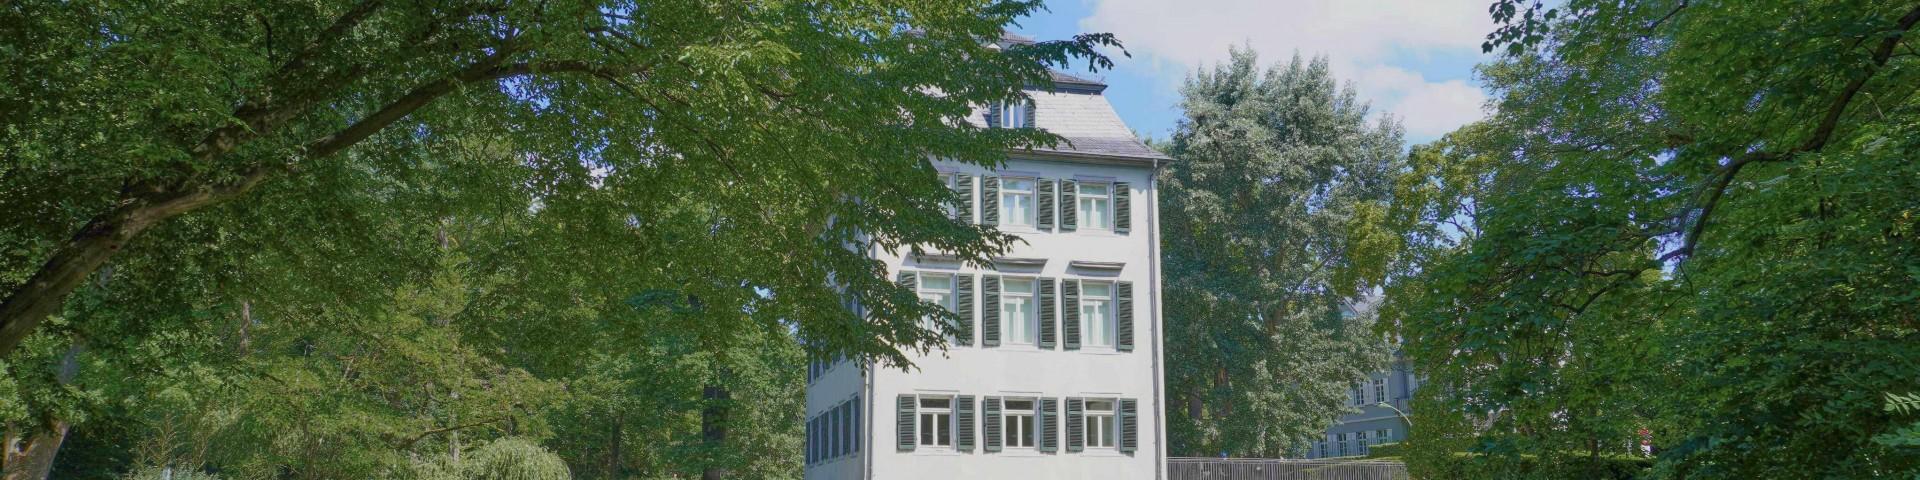 Adolph-von-Holzhausen-Park, Frankfurt; Things to Do in Frankfurt